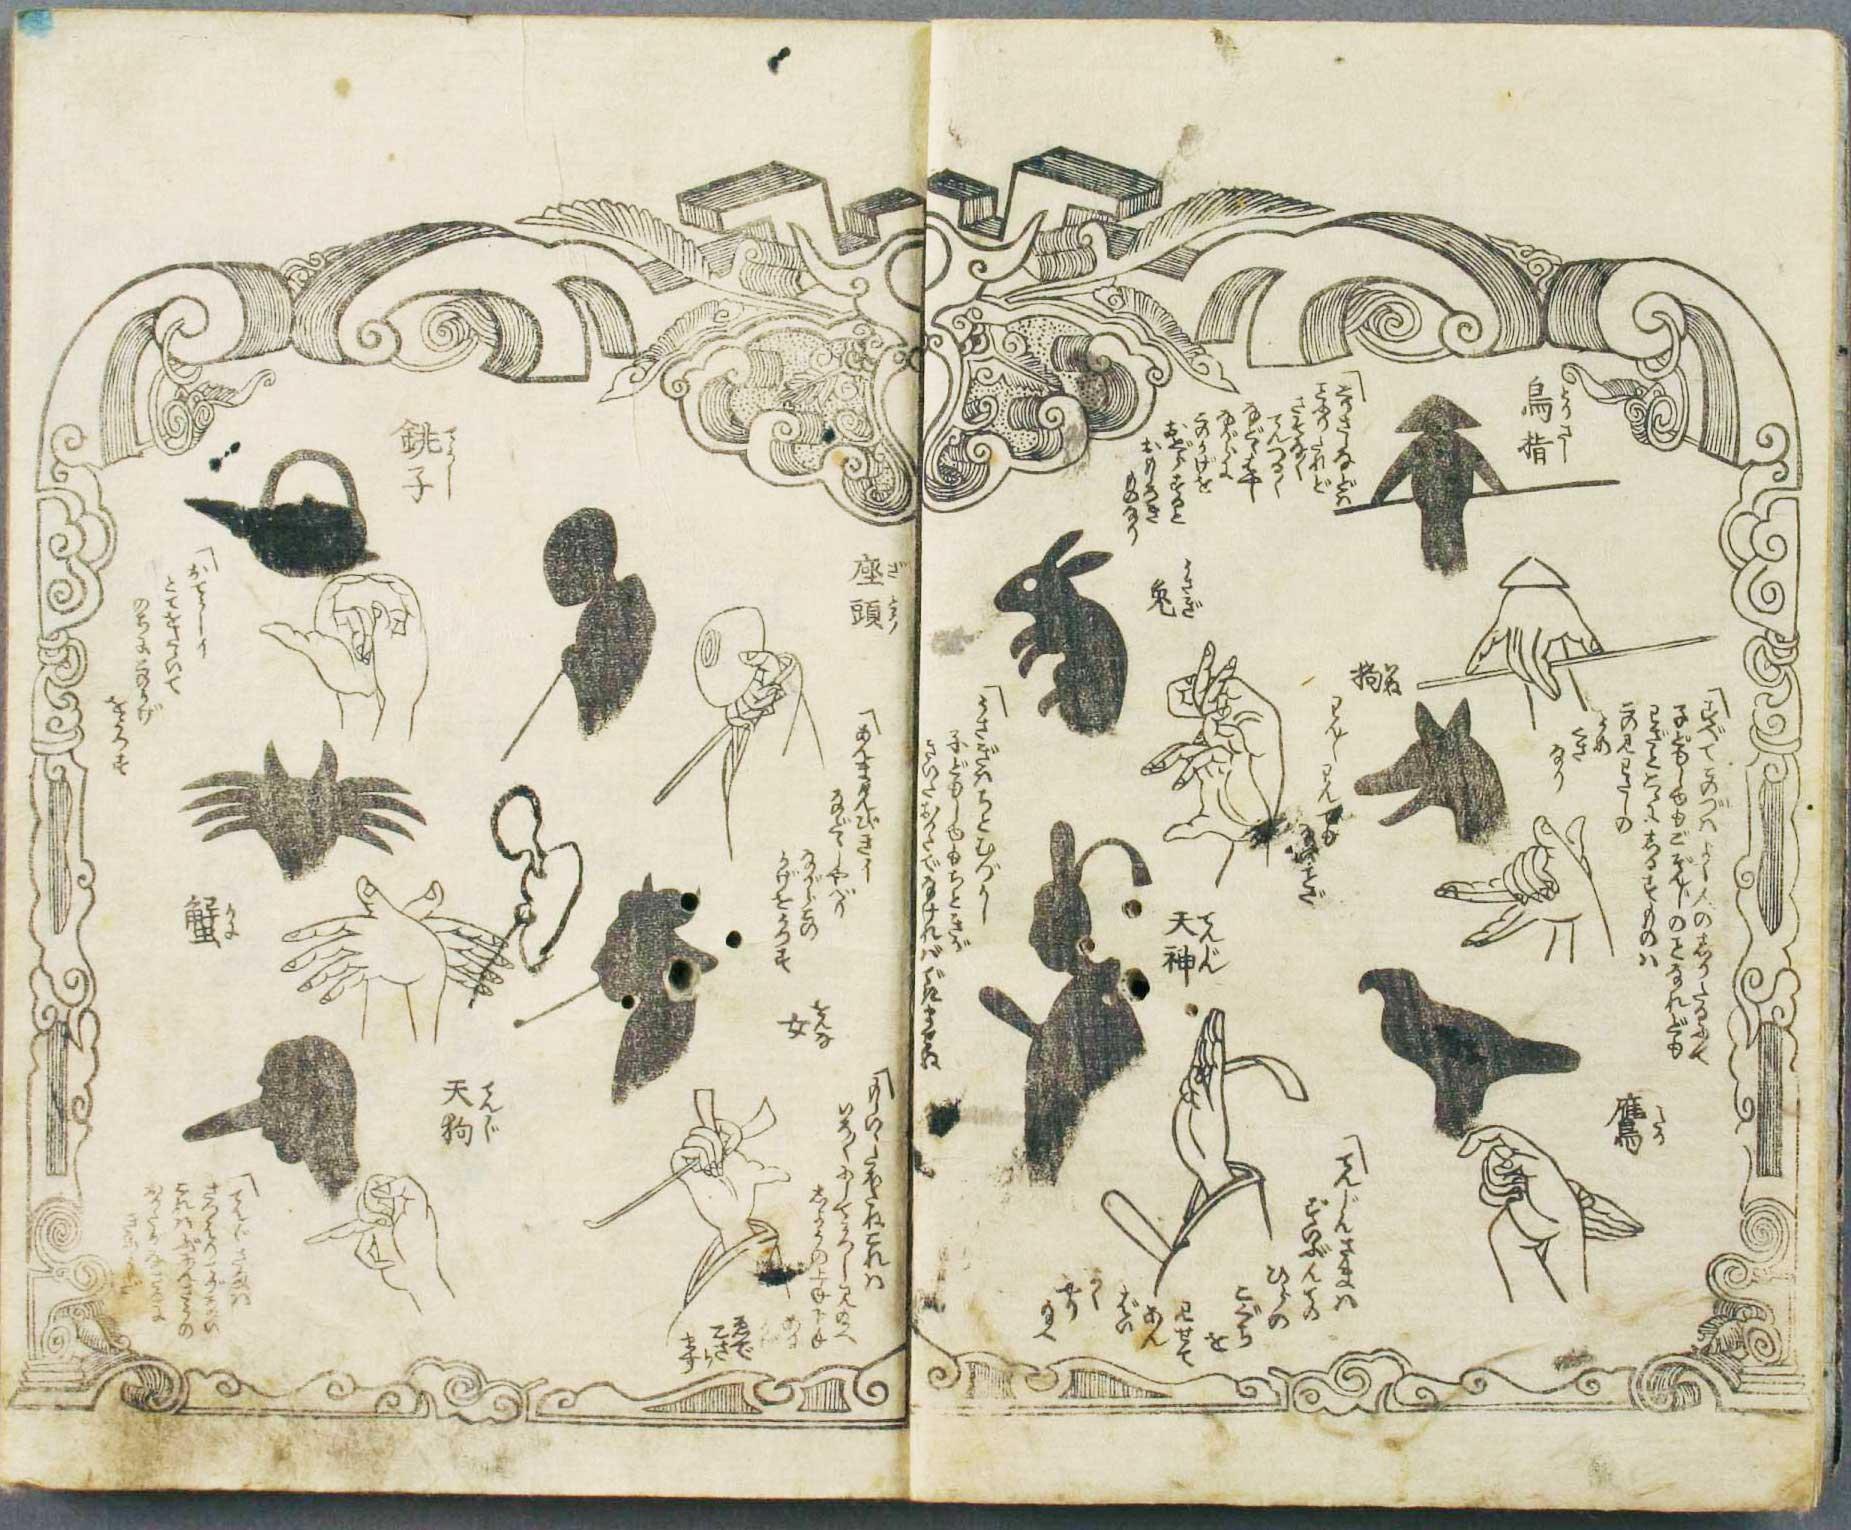 この影絵はどう作る?? 江戸時代のシルエットクイズ本「於都里伎(おつりき)」の魅力